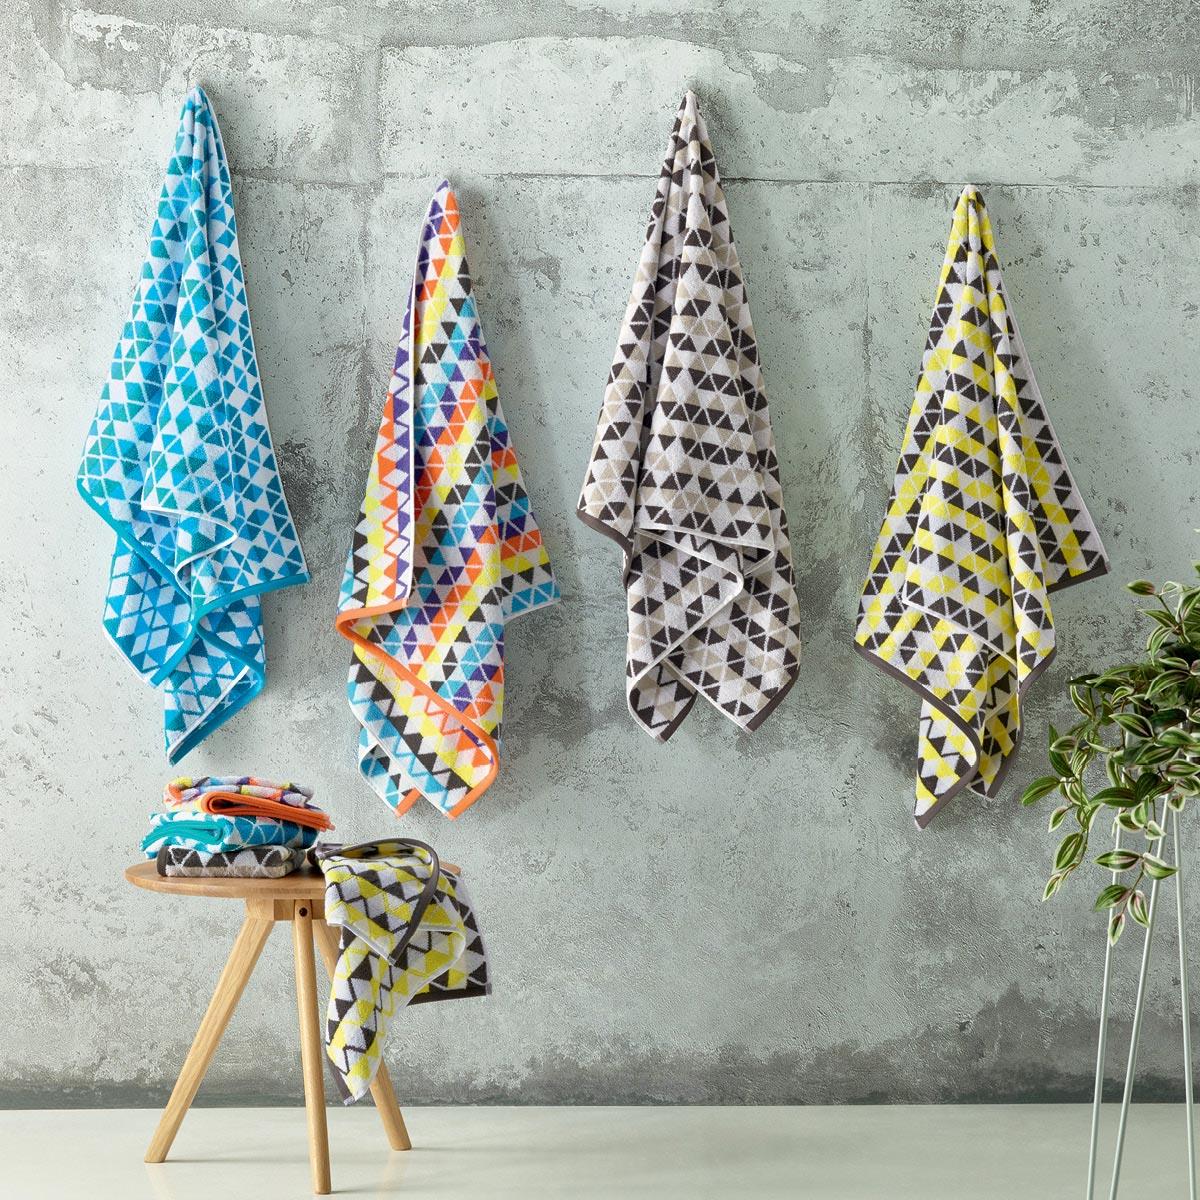 LL Oct blog towels image